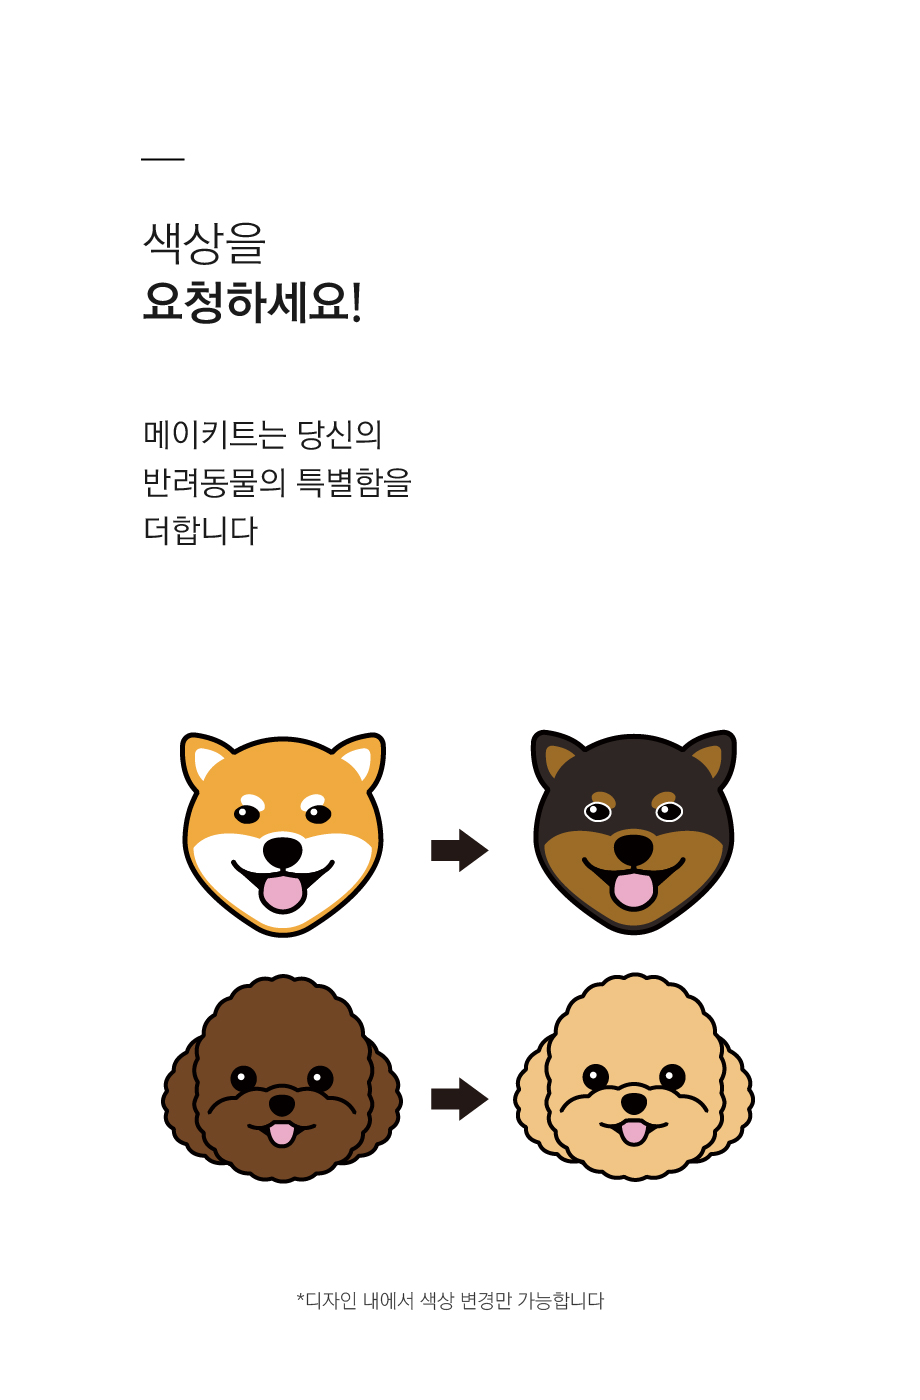 강아지 모양 케이크 스피츠 SHAPE CAKE KIT - 메이키트, 16,900원, 간식/영양제, 수제간식